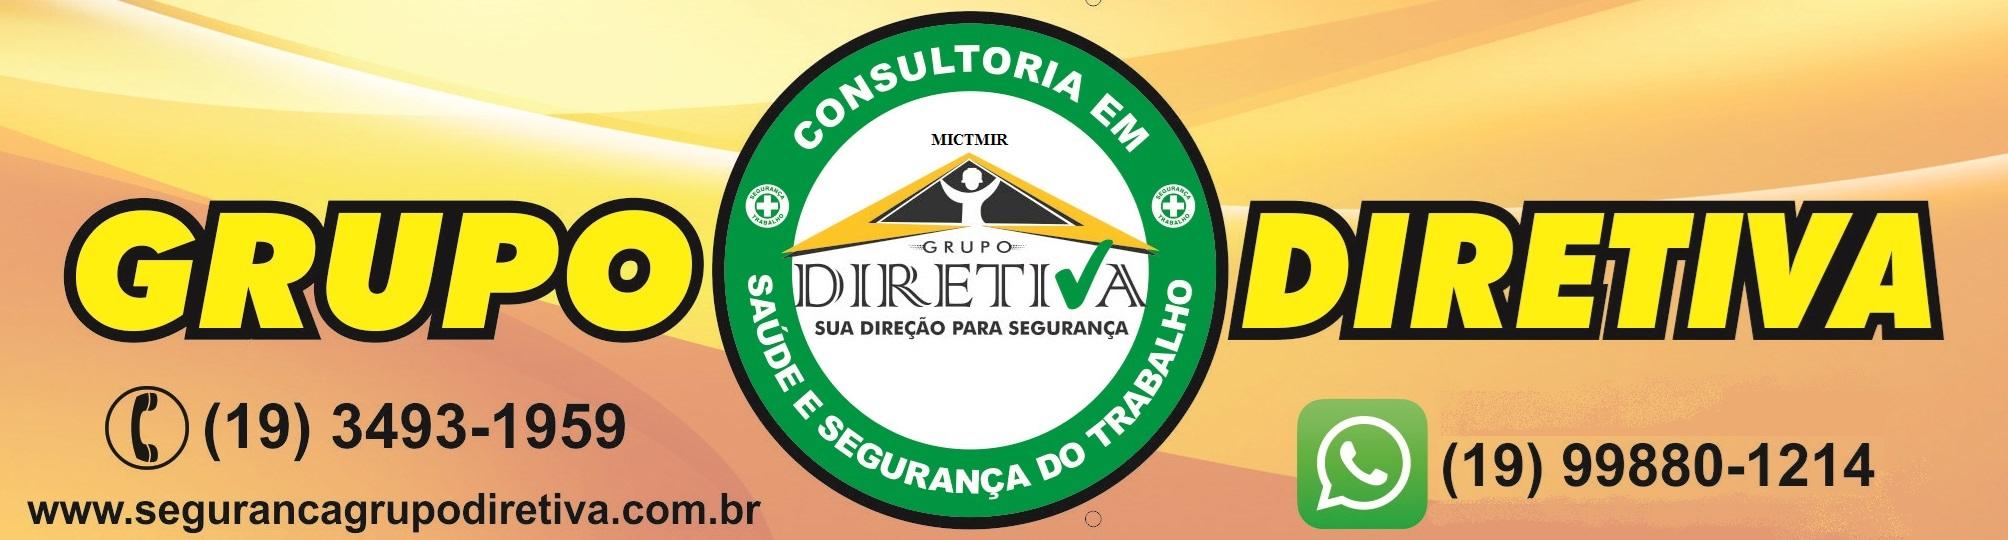 Grupo Diretiva logo